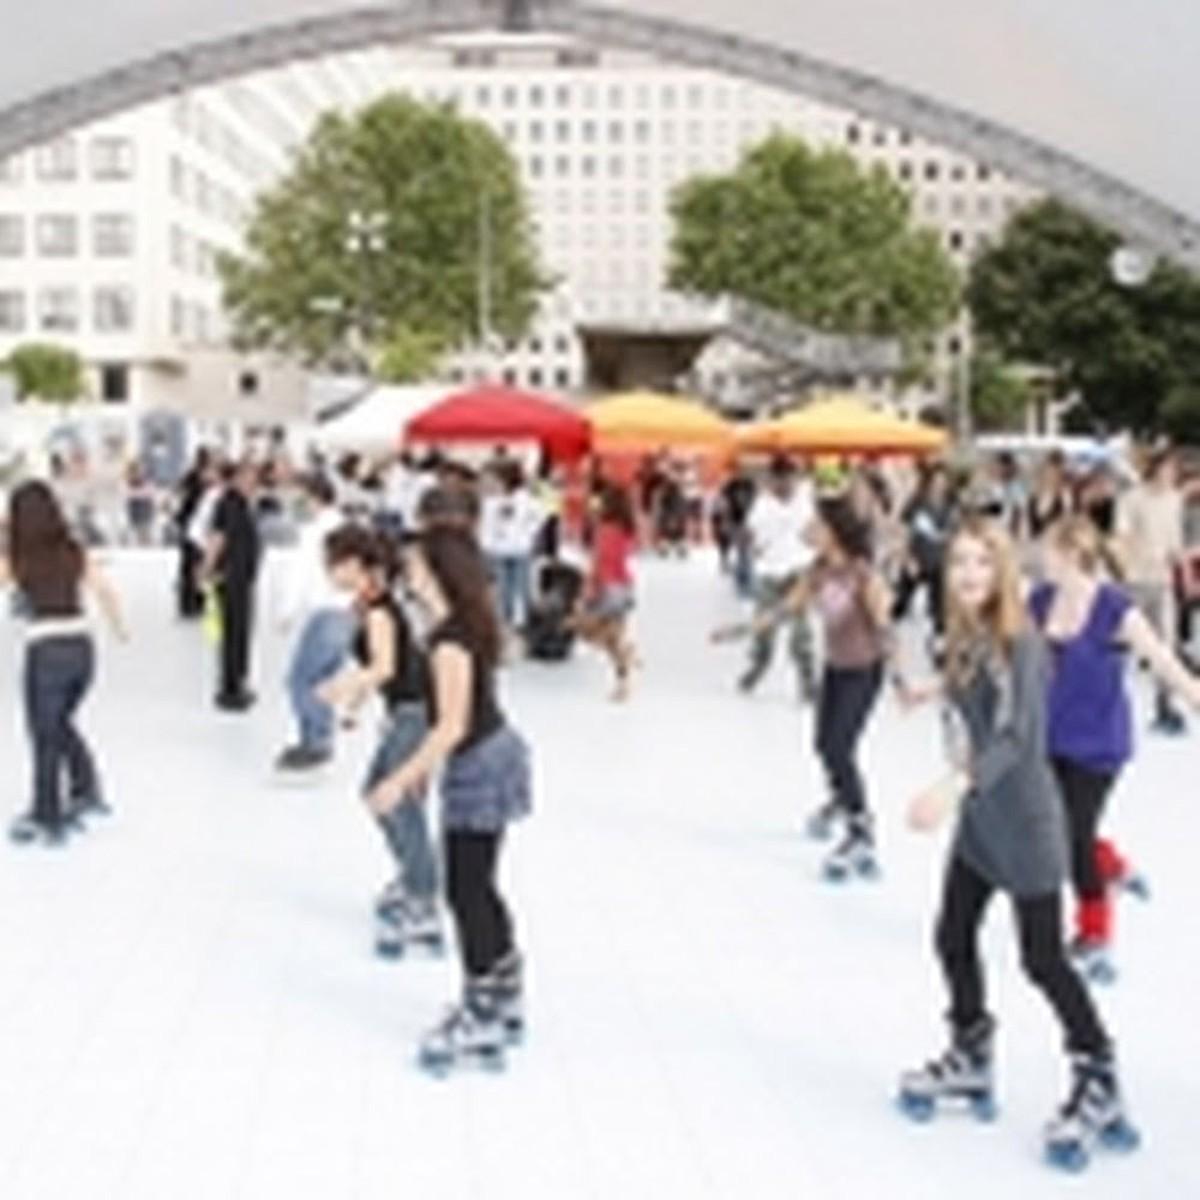 Ice Rink Equipment Roller Skate Rinks Roller Skating